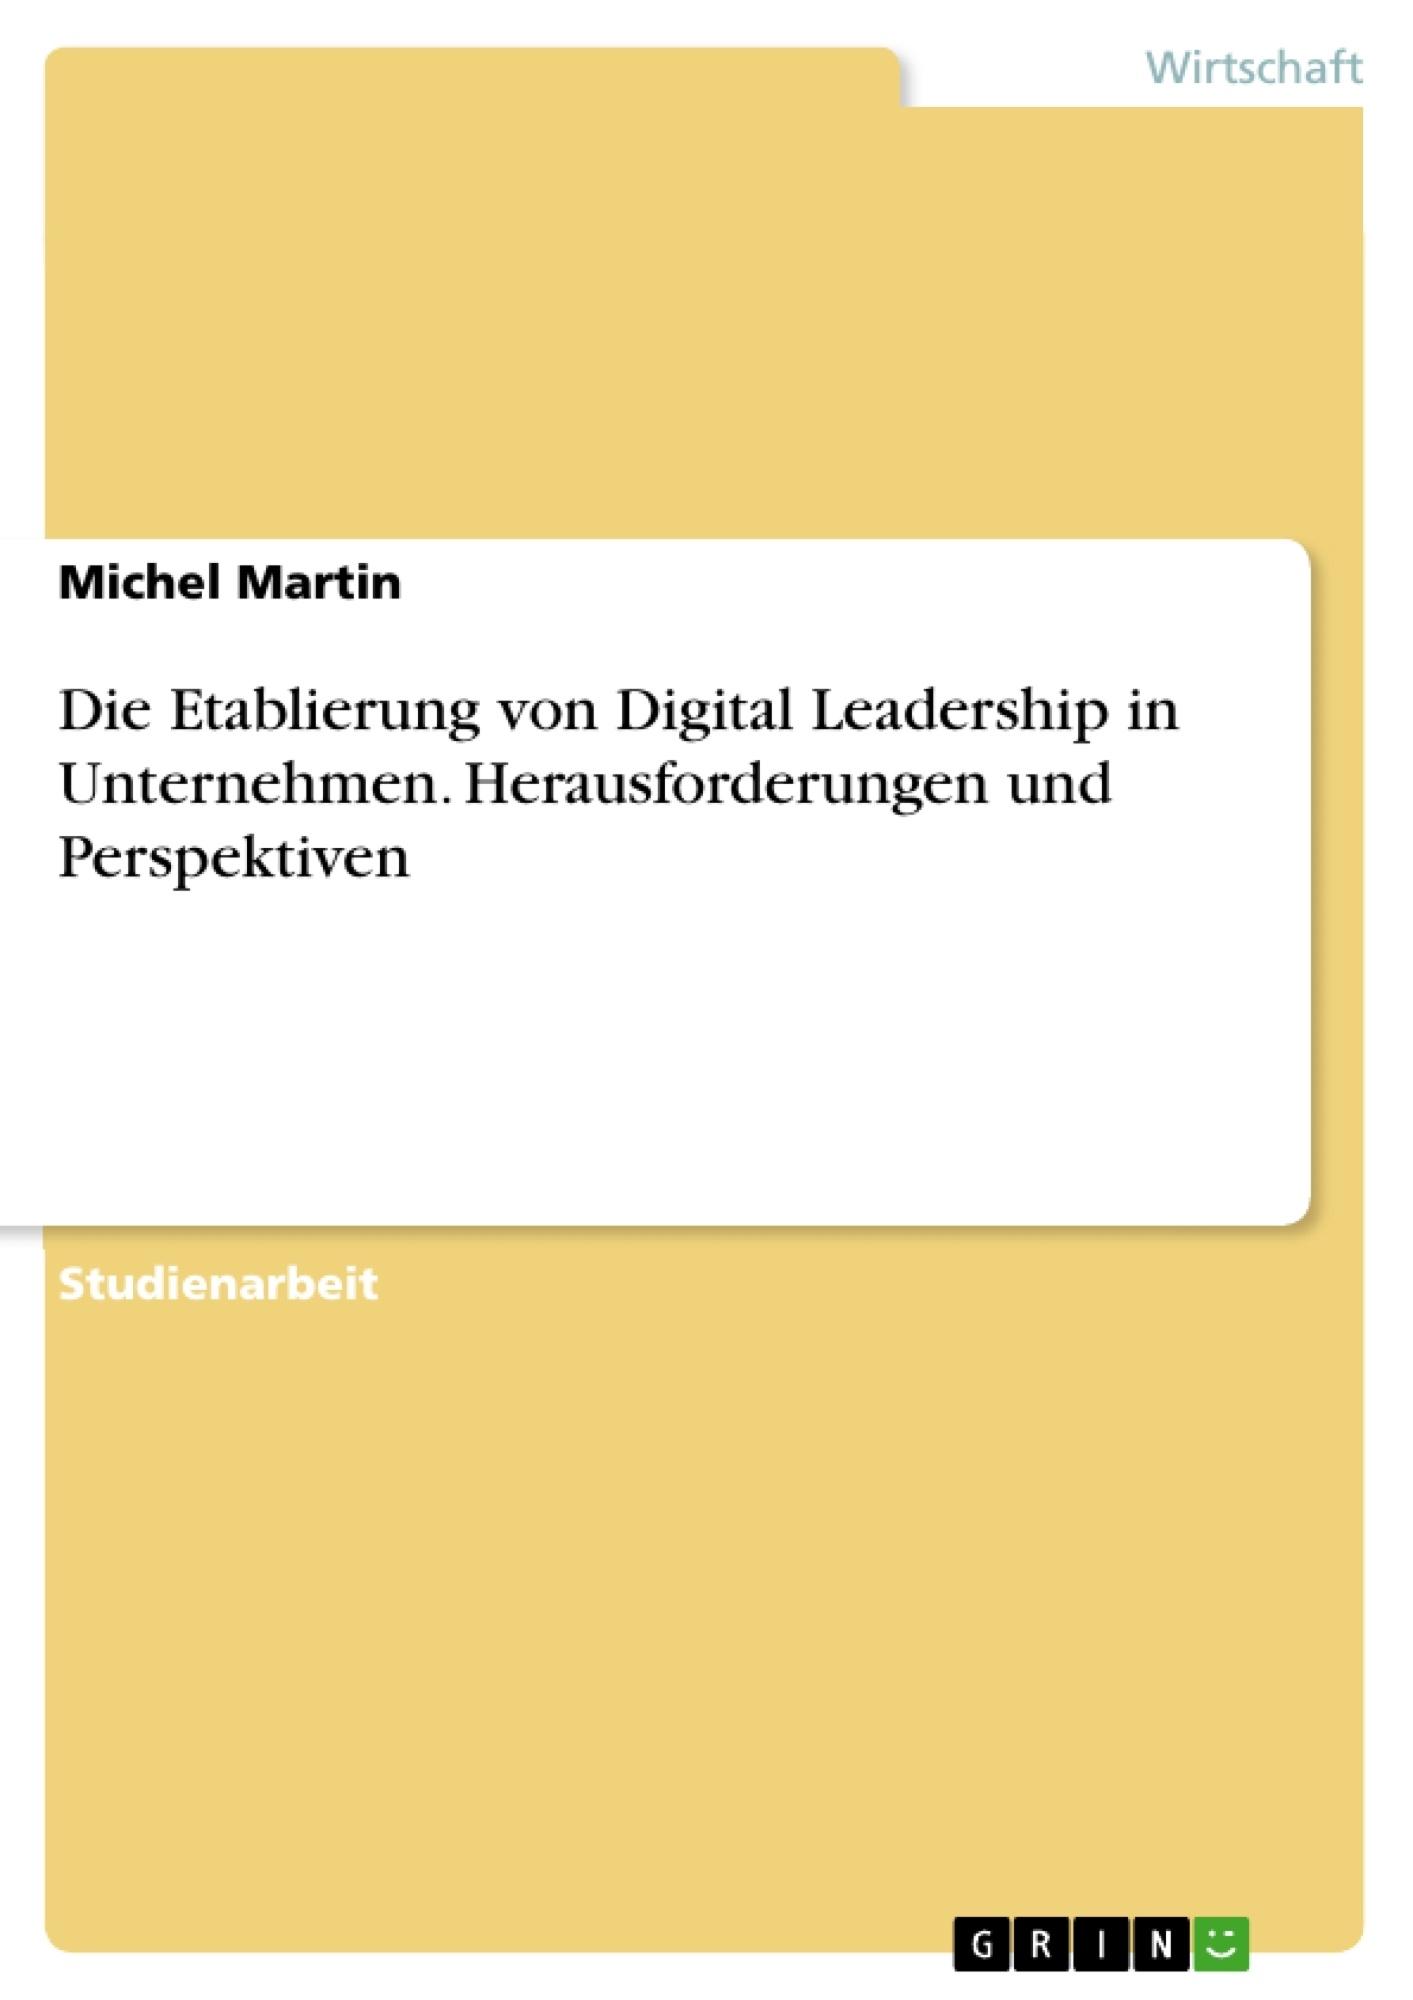 Titel: Die Etablierung von Digital Leadership in Unternehmen. Herausforderungen und Perspektiven